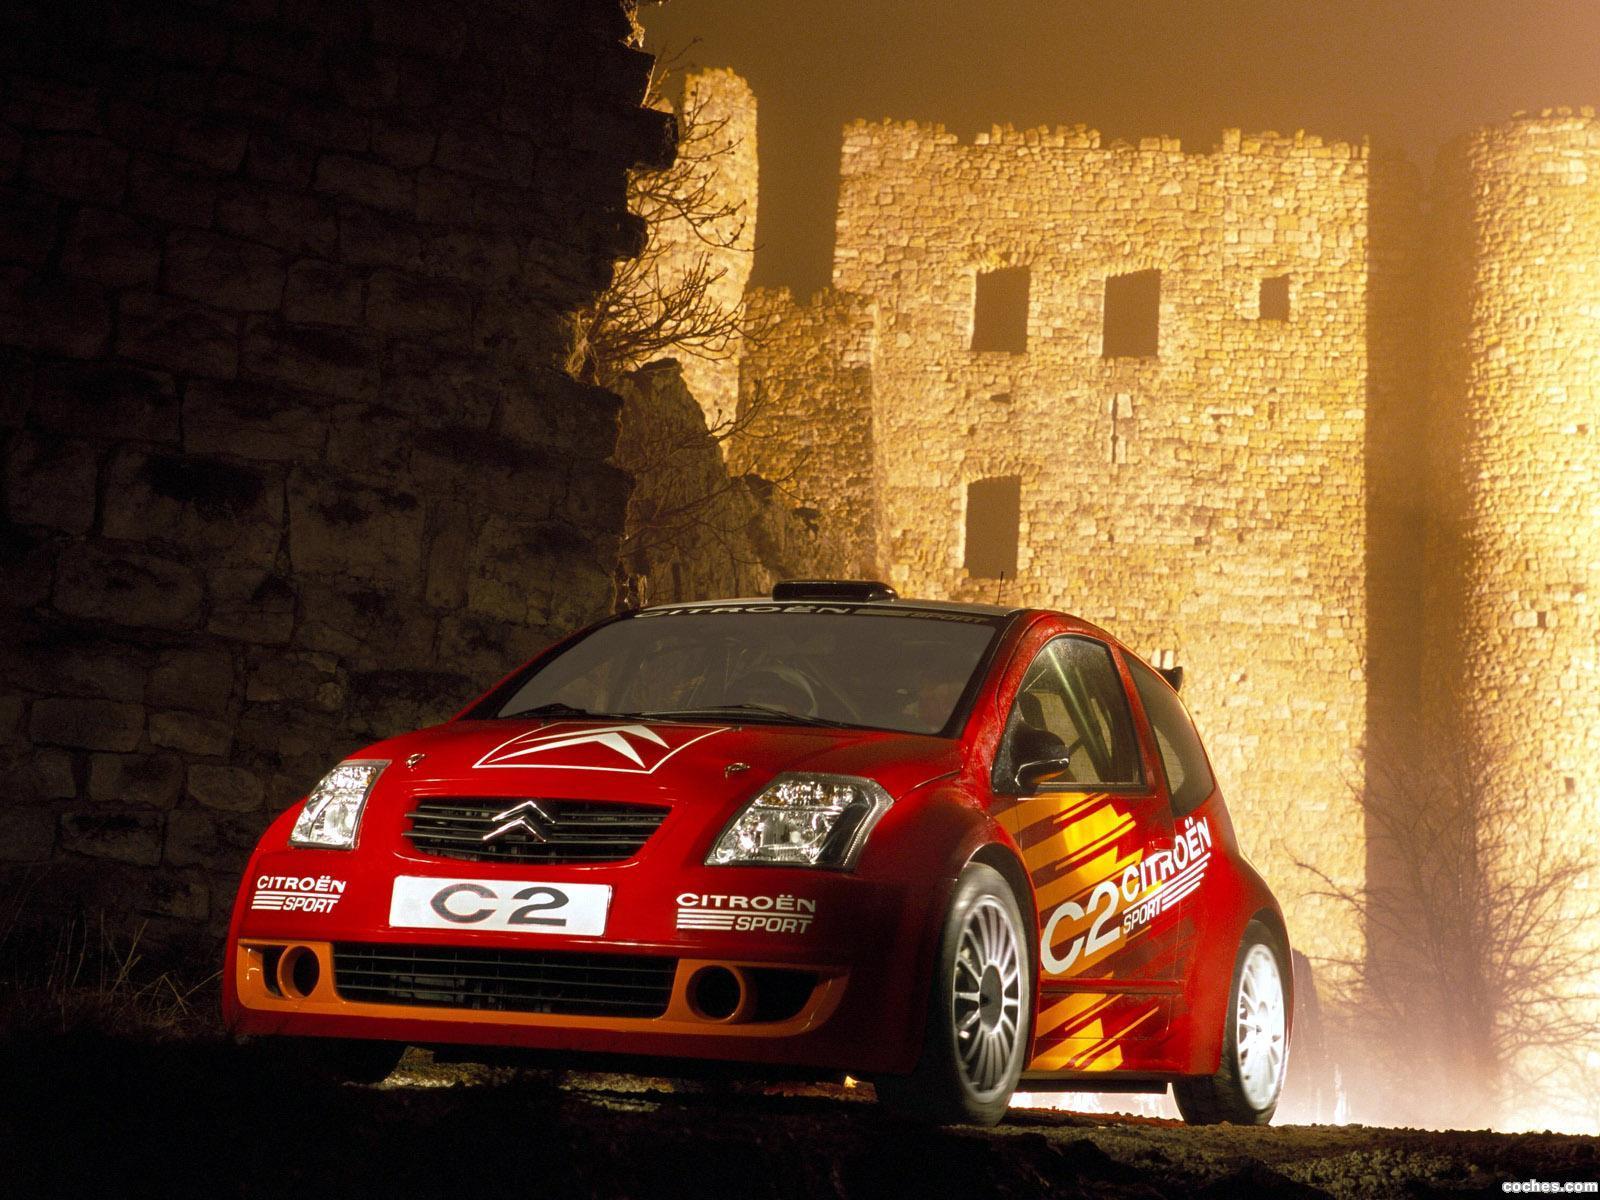 Foto 8 de Citroen C2 Sport Concept 2003